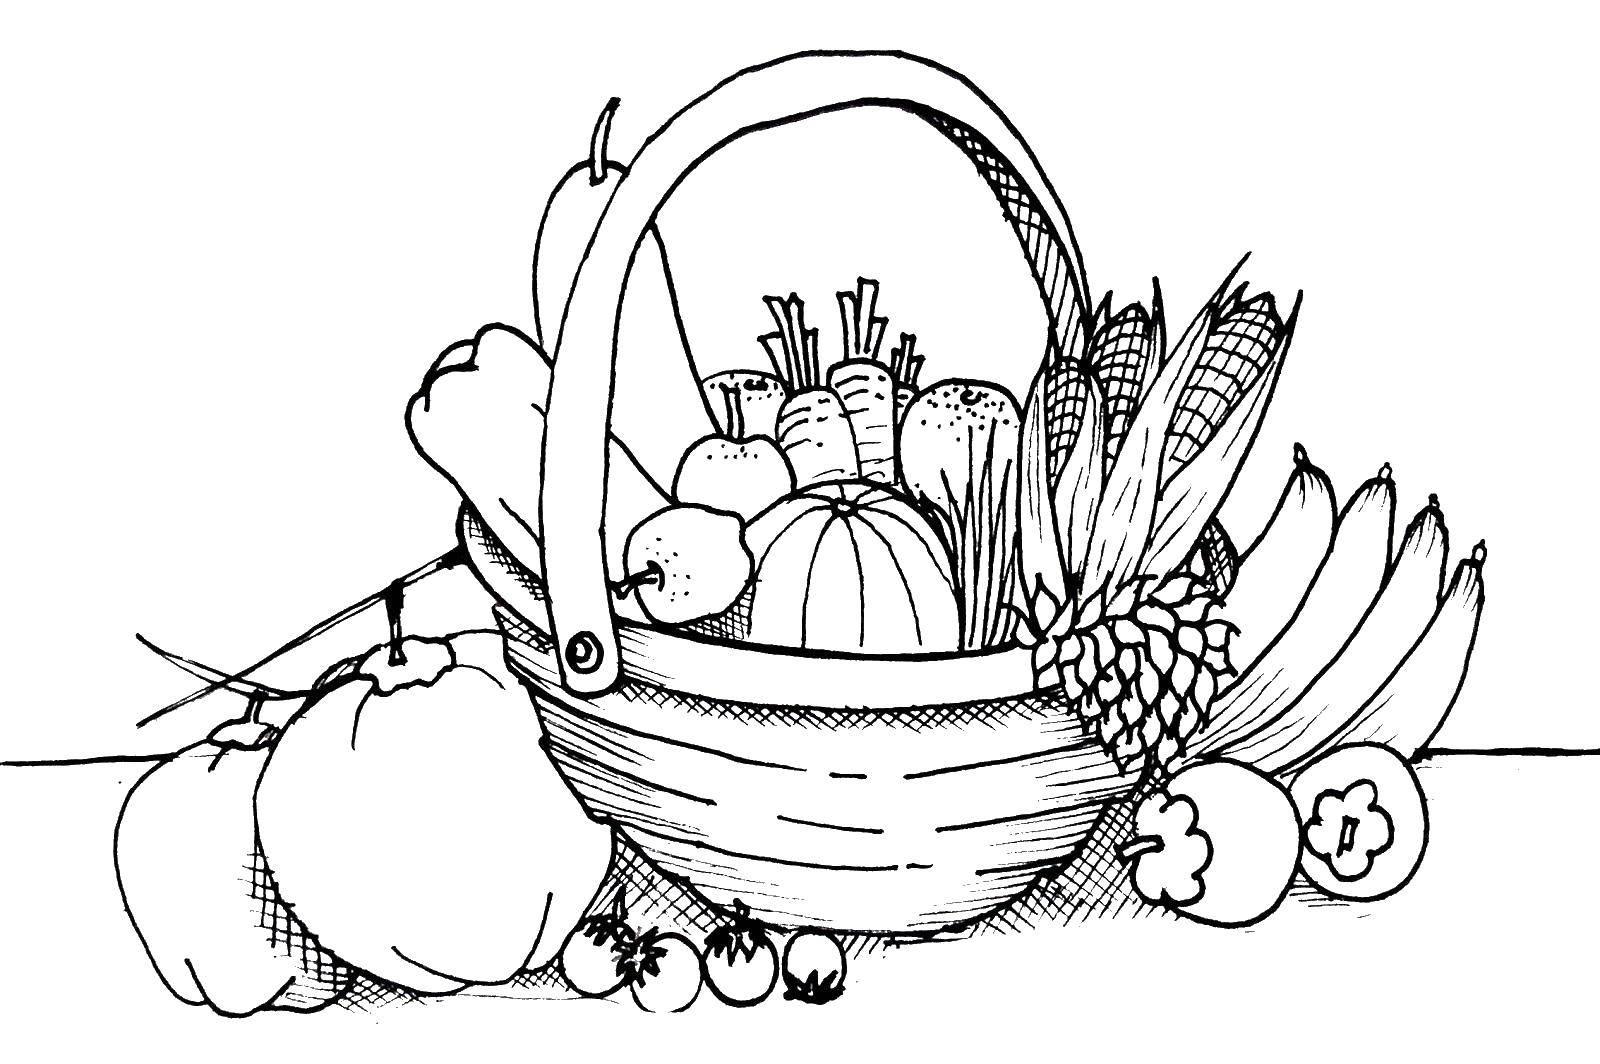 Coloring fruit basket category fruits tags fruit basket food groceries